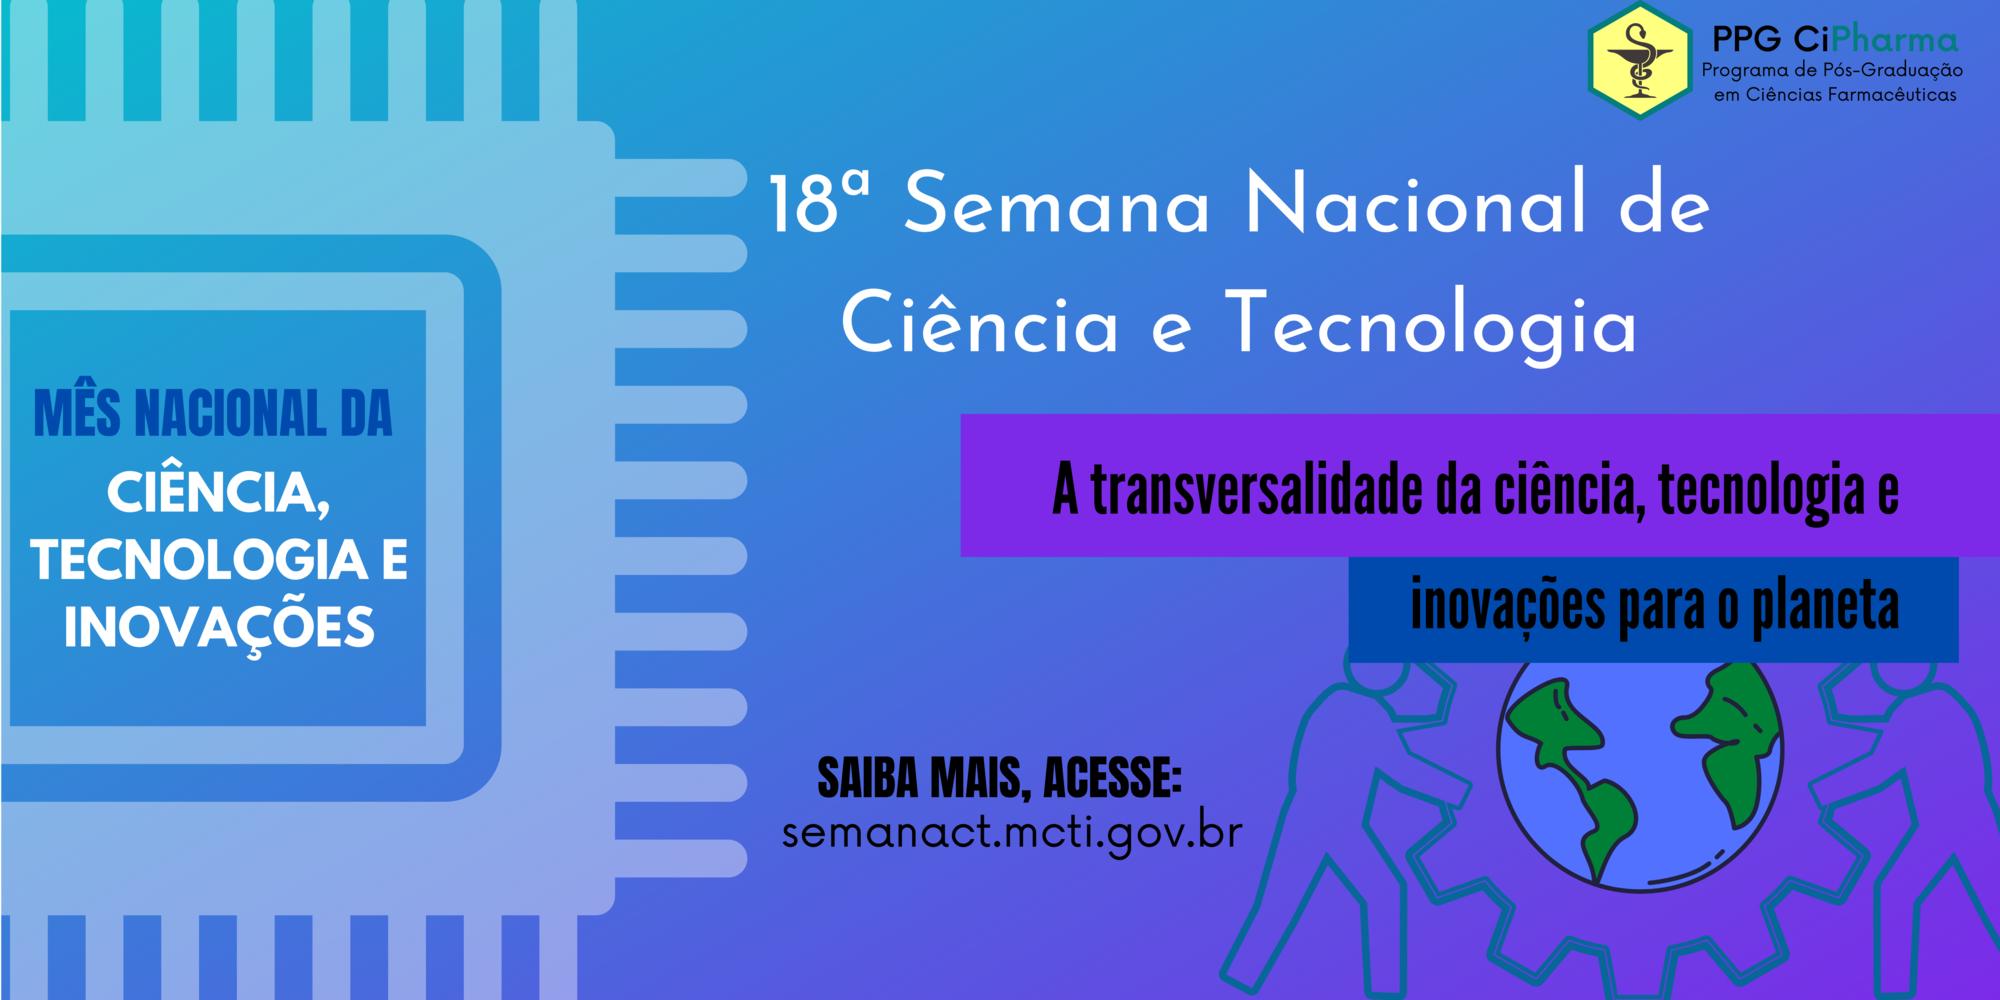 18º Semana Nacional de Ciência e Tecnologia